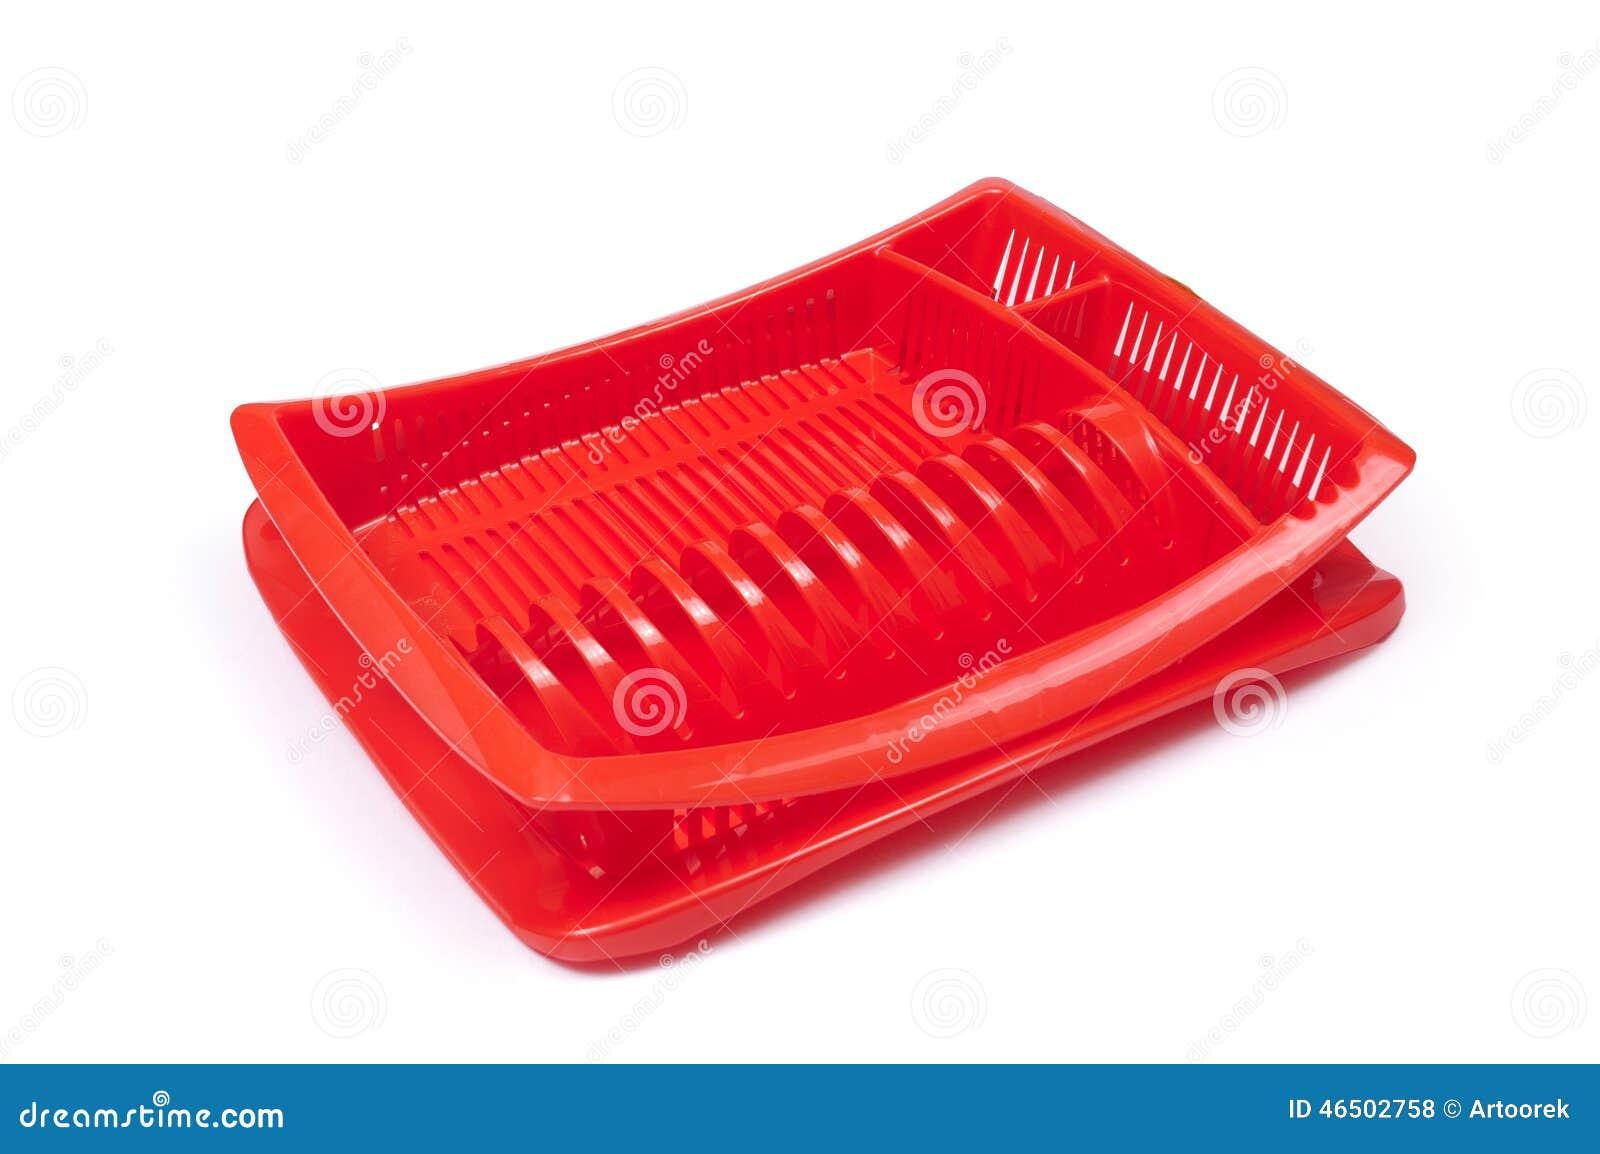 Scolapiatti Di Plastica Fotografia Stock - Immagine: 46502758